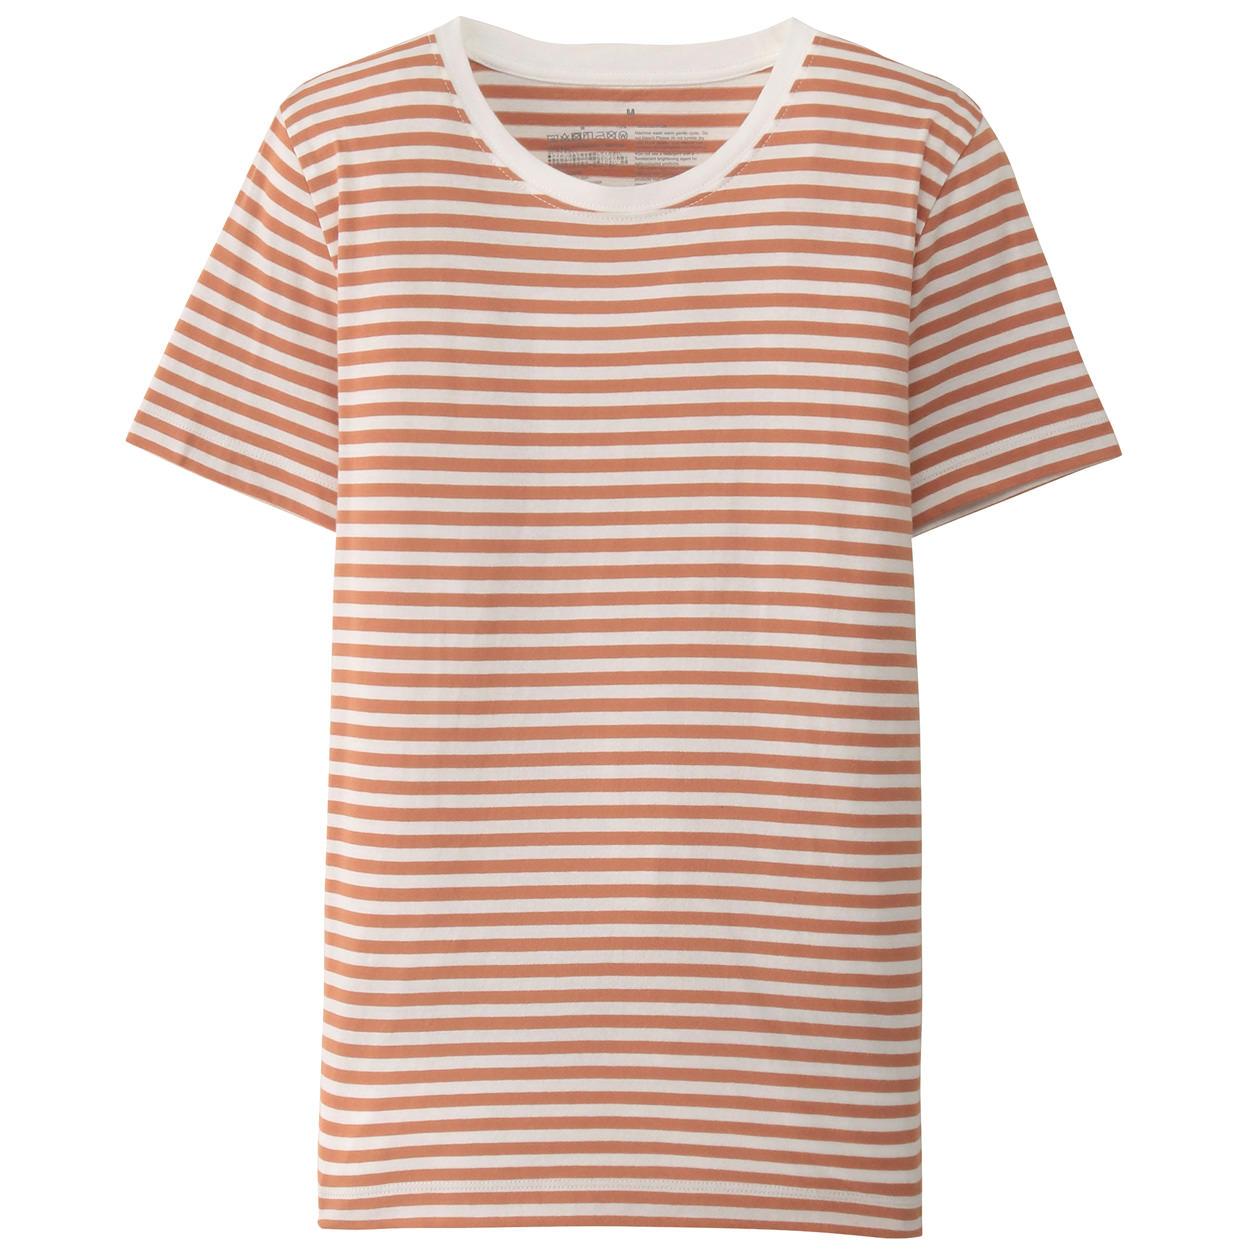 オーガニックコットンクルーネック半袖Tシャツ(ボーダー)白×スモーキーオレンジ(細)